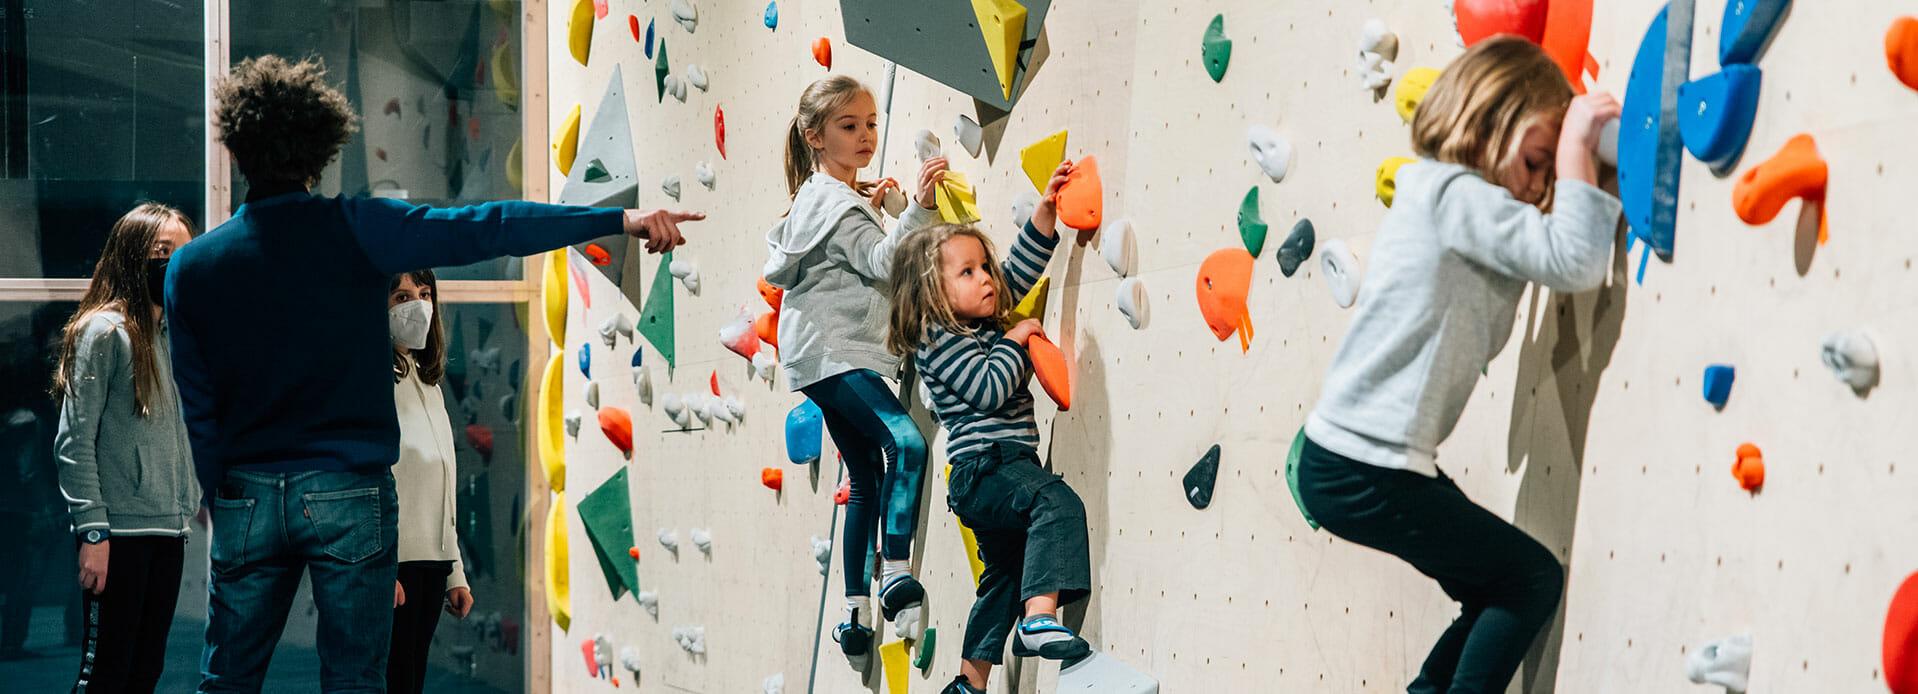 Nos formules de cours d'escalade pour enfants - Climbing District